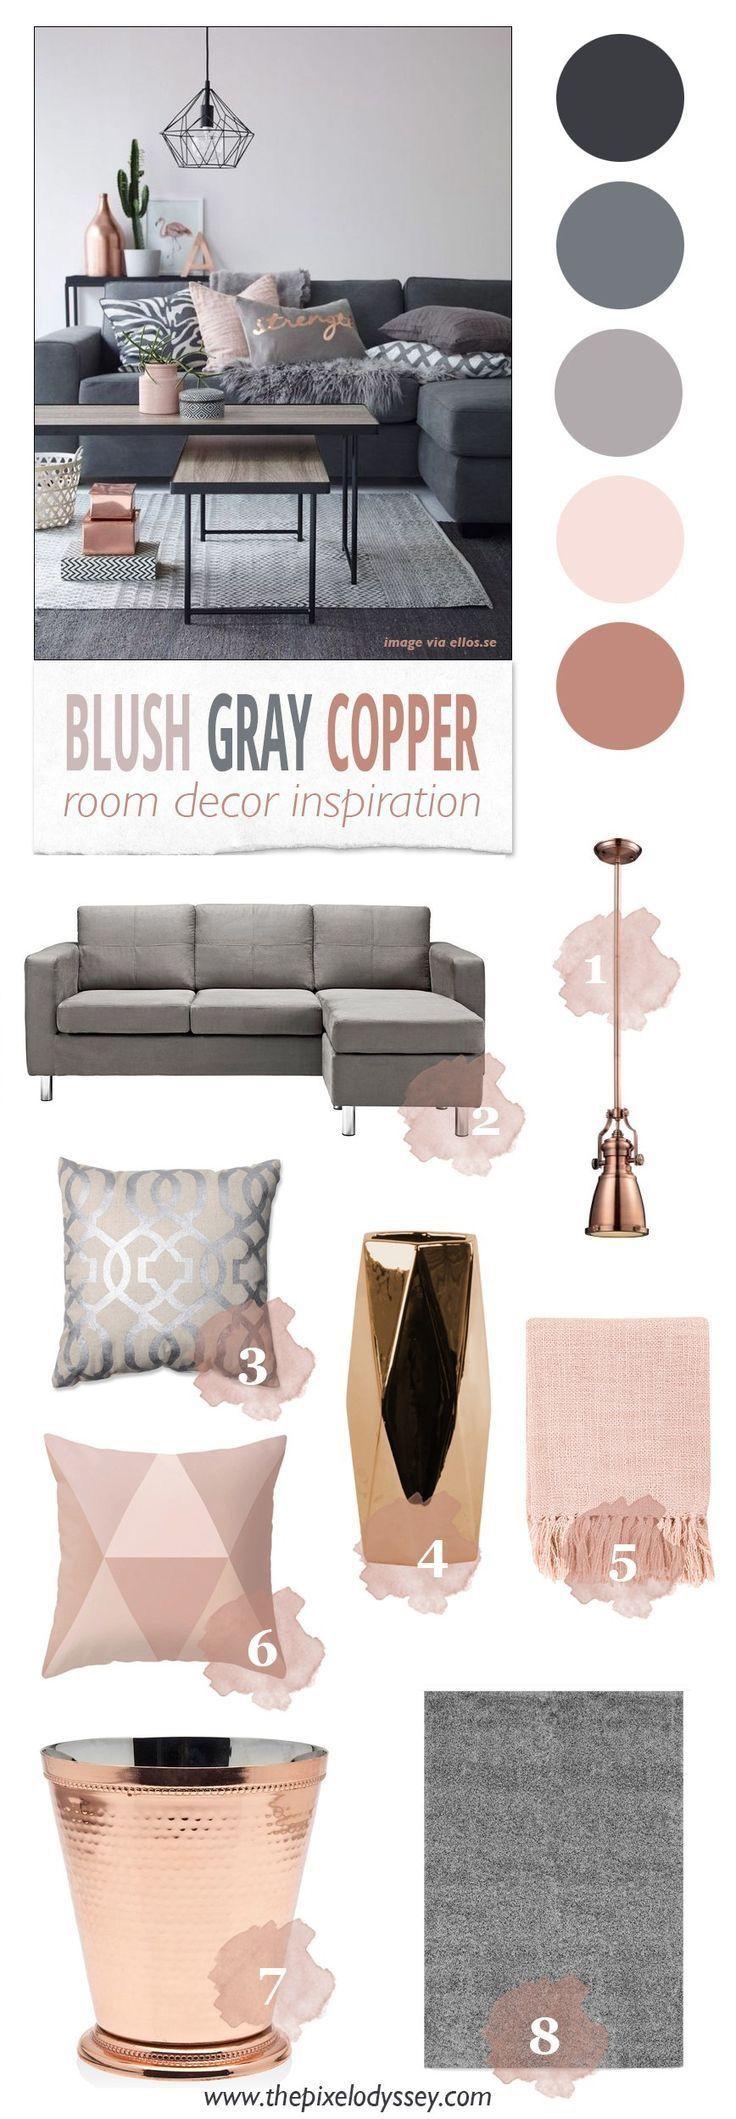 Pin von Malia Vierra auf Bedroom ideas | Pinterest | Neues Zuhause ...